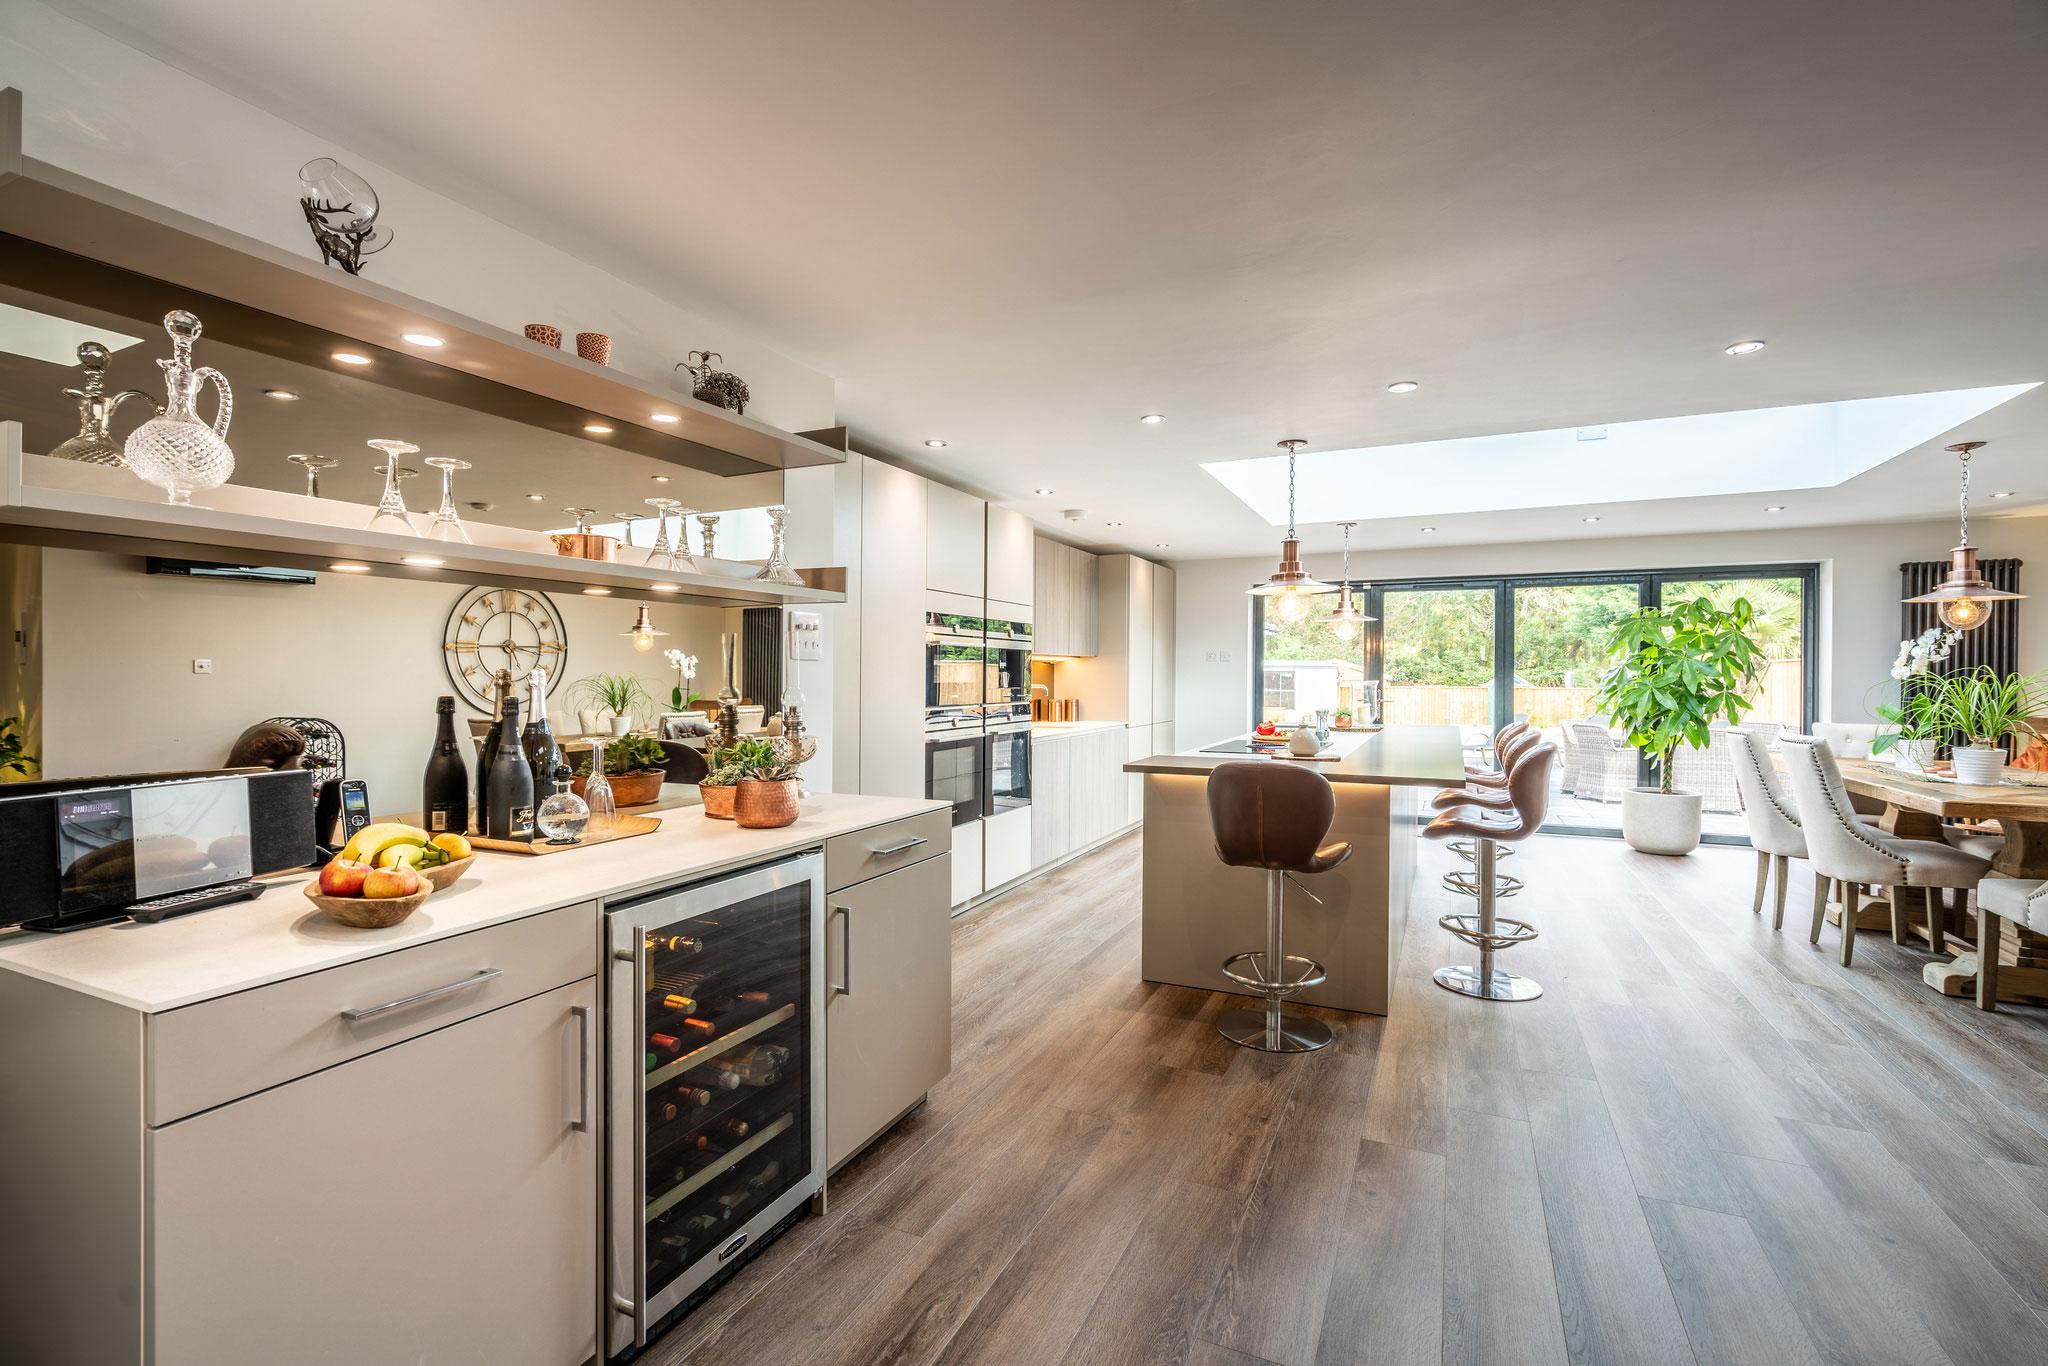 Image of Myers Touch Daniels Kitchen 01043 HDR ZF 2442 14358 1 035 in Un espace conçu pour la convivialité - Cosentino